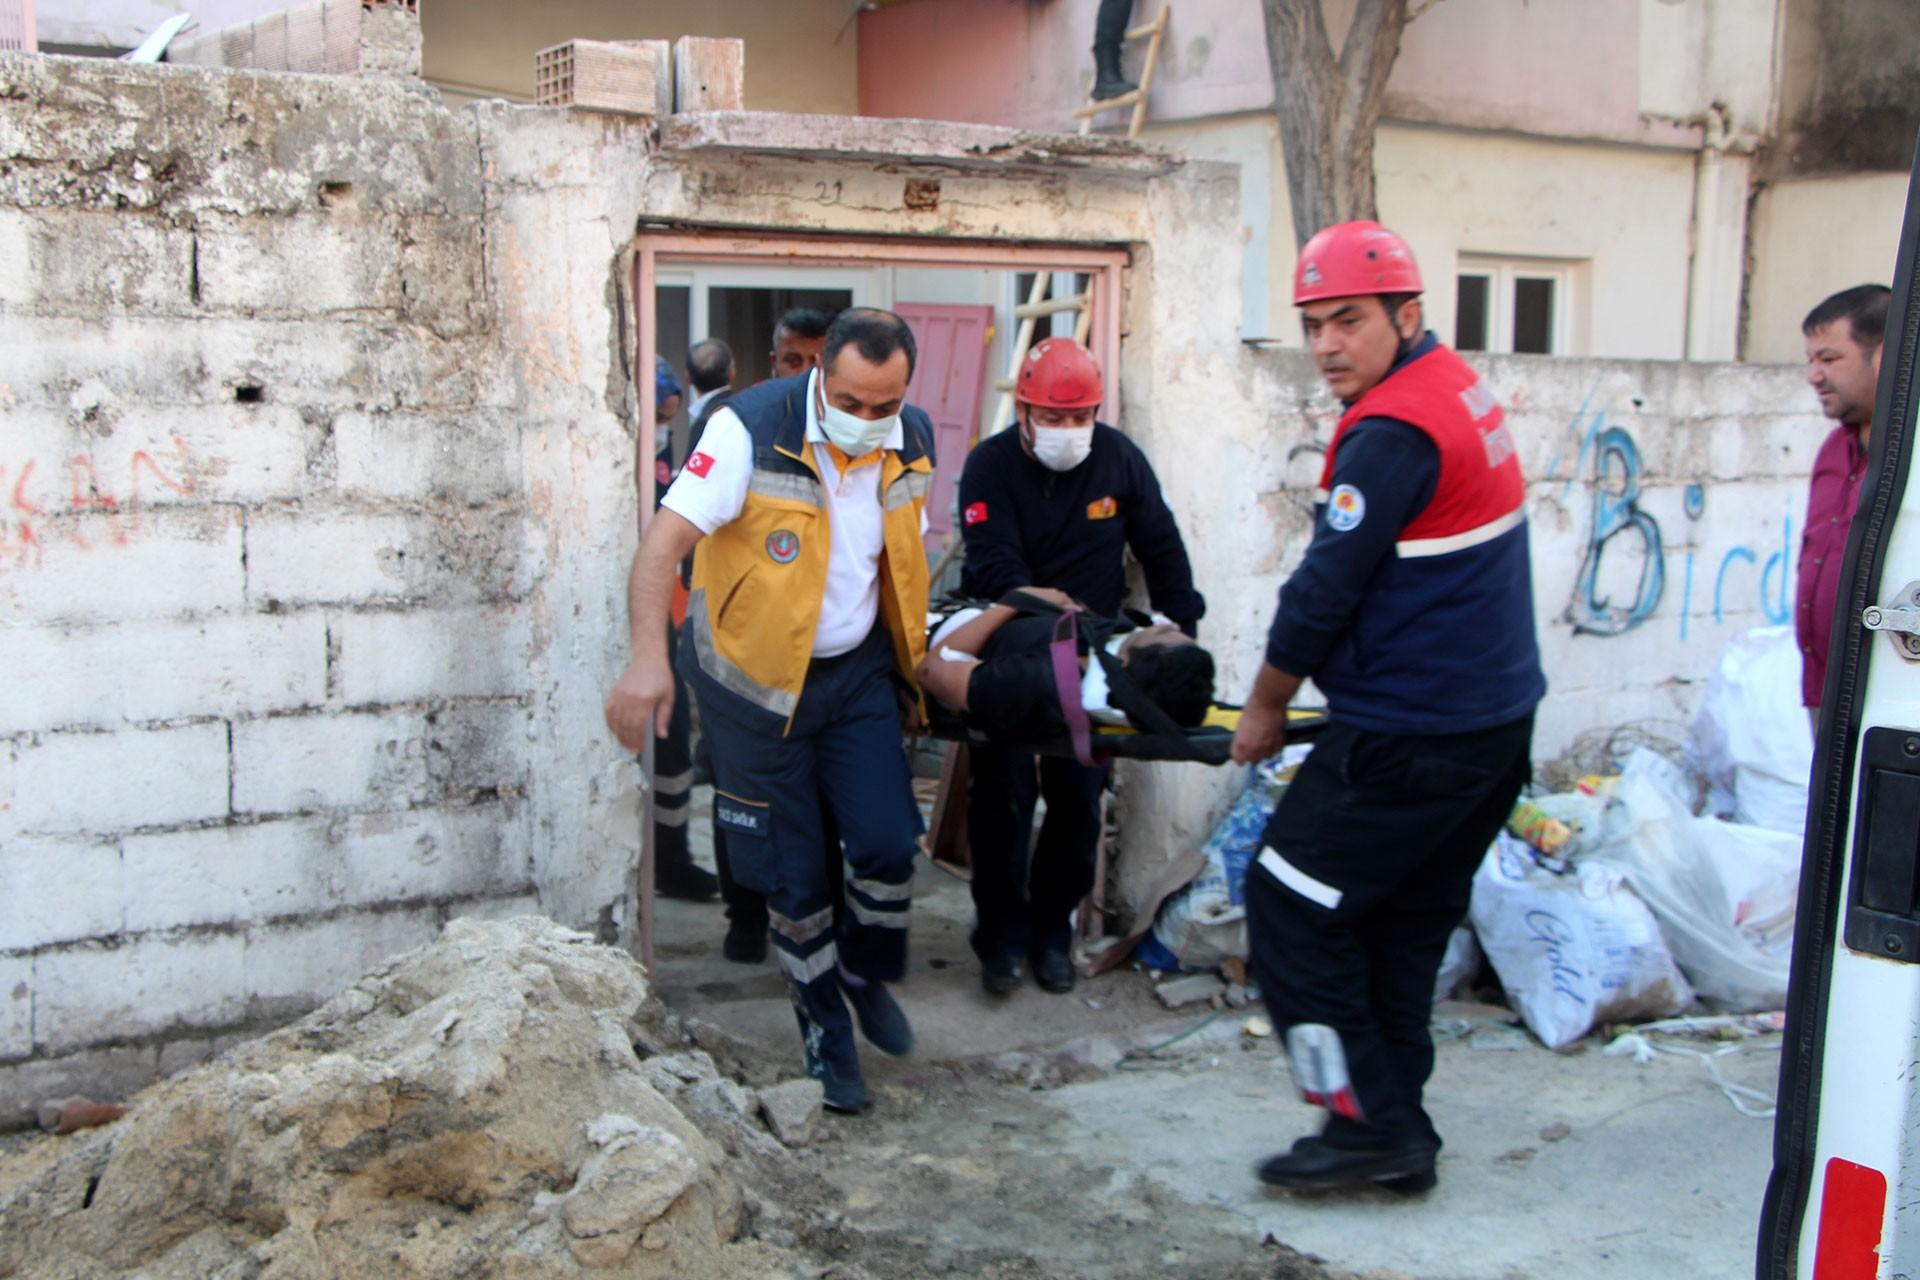 İşçi Muhammed Dudu (sedyede) ambulansa götürülüyor